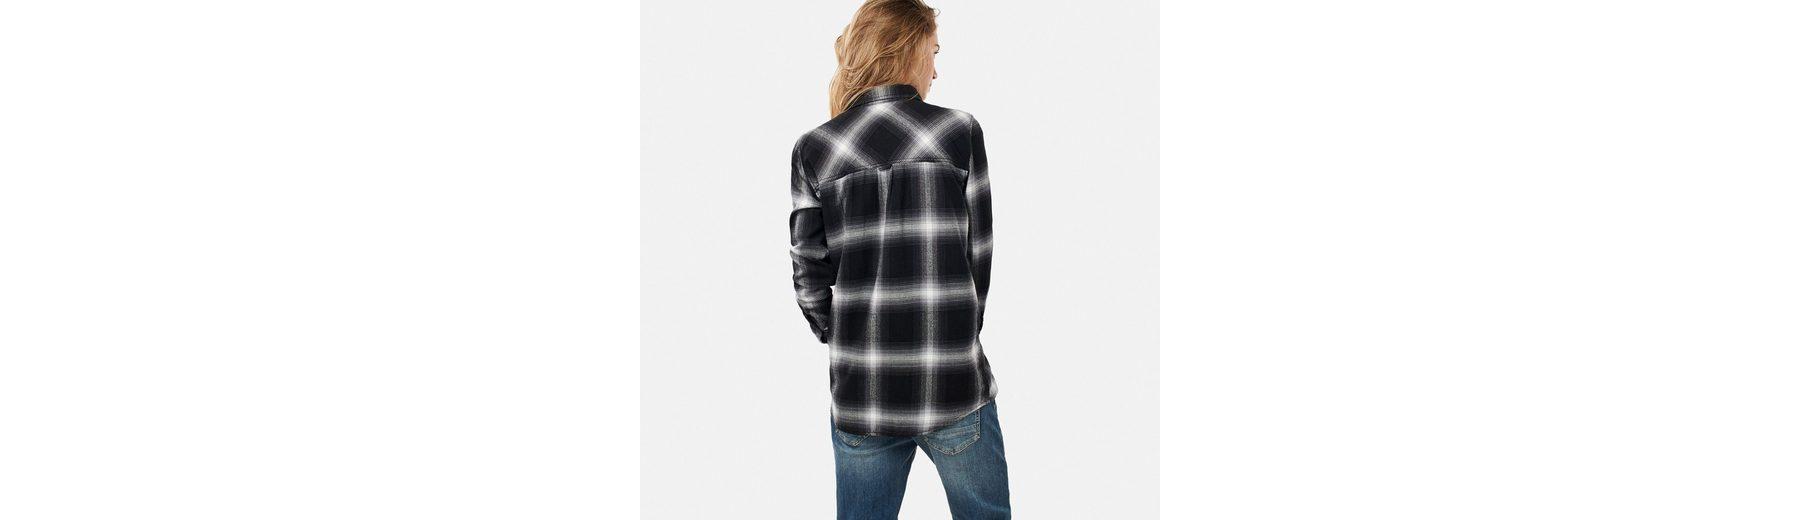 O'Neill Shirt lang盲rmlig O'Neill Hemd Hemd Check TwaZnq4